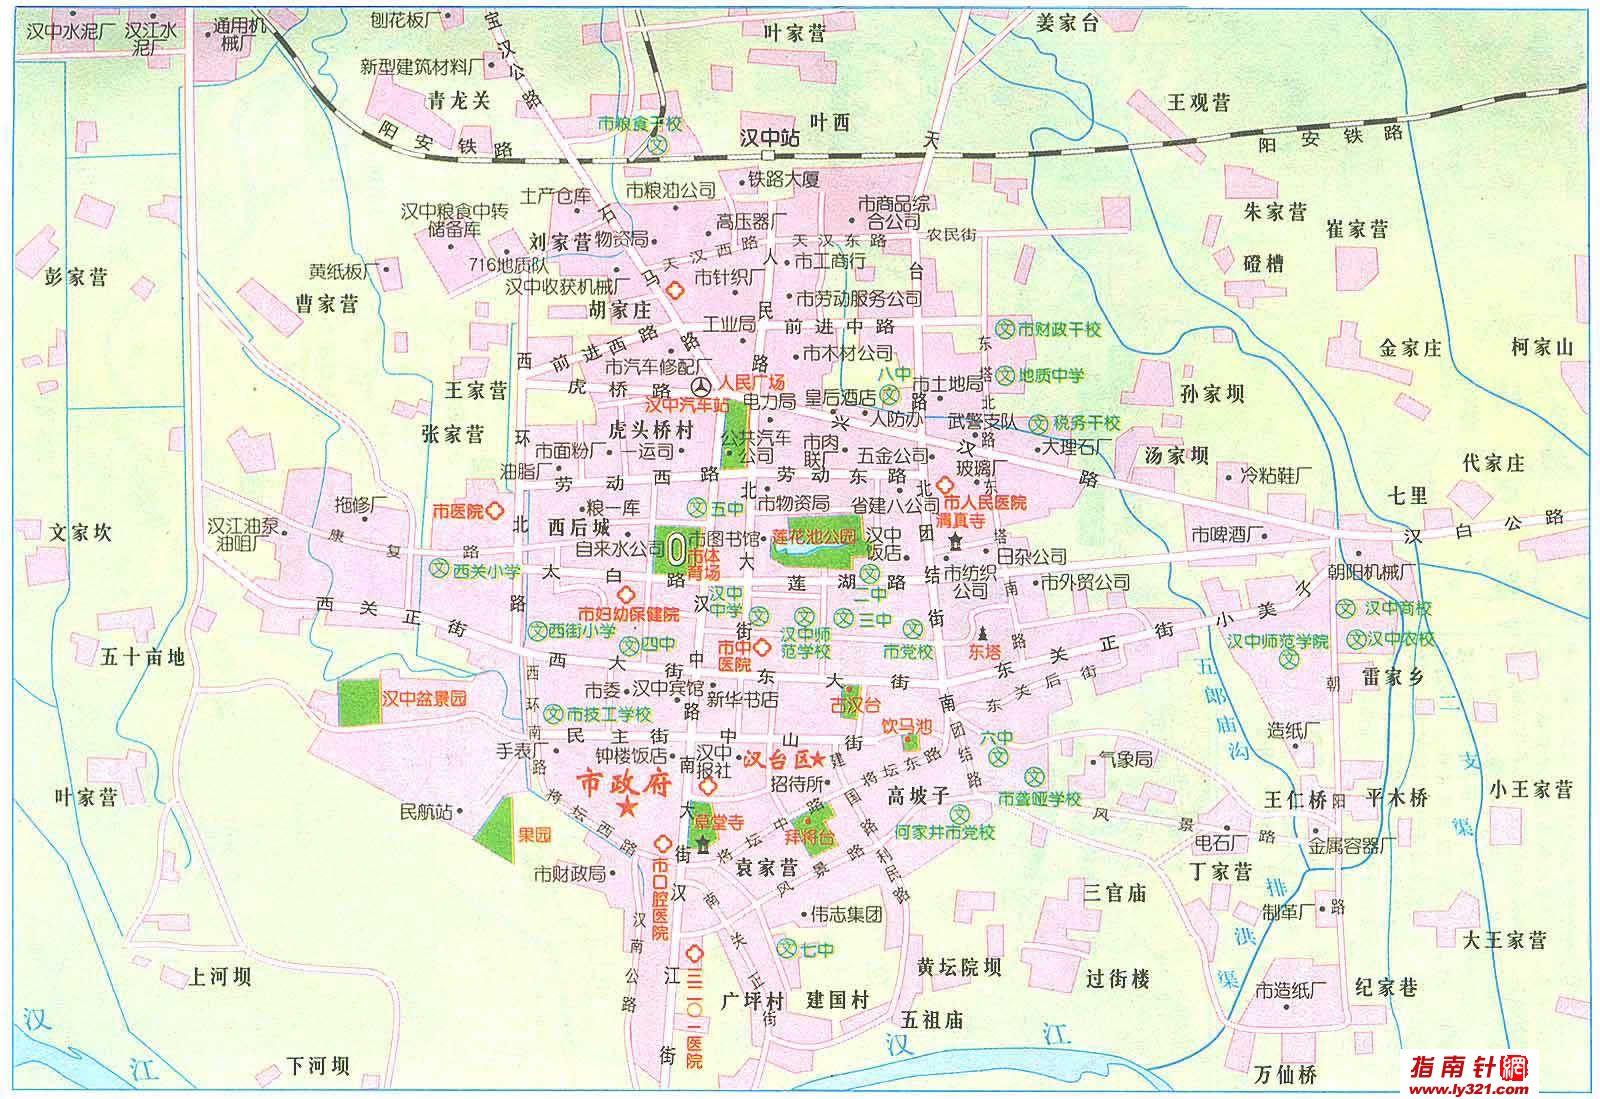 陕西汉中市交通地图